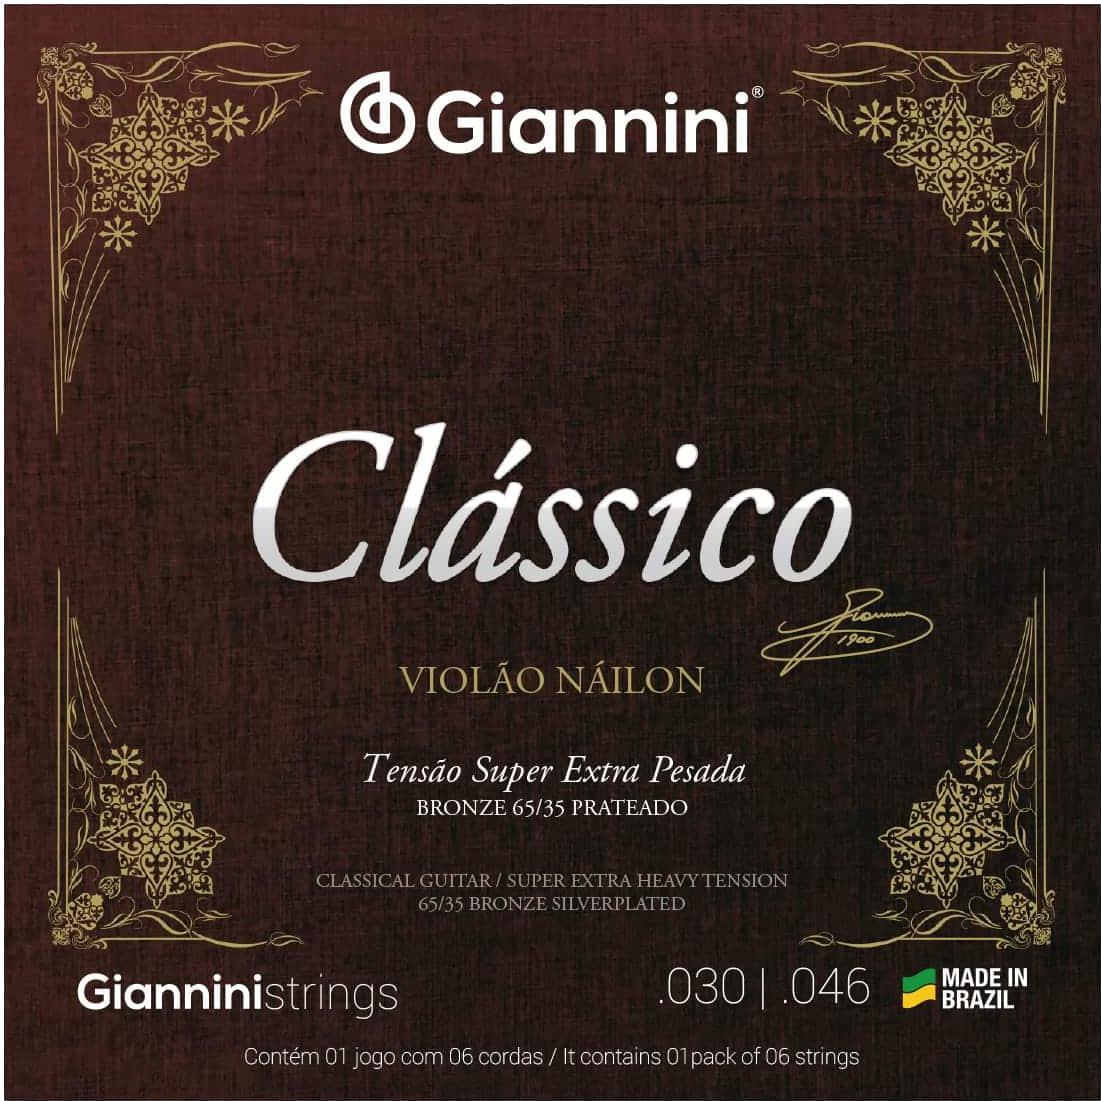 Encordoamento para Violão Nylon Giannini - GENWSXPA (Tensão Super Extra Alta)